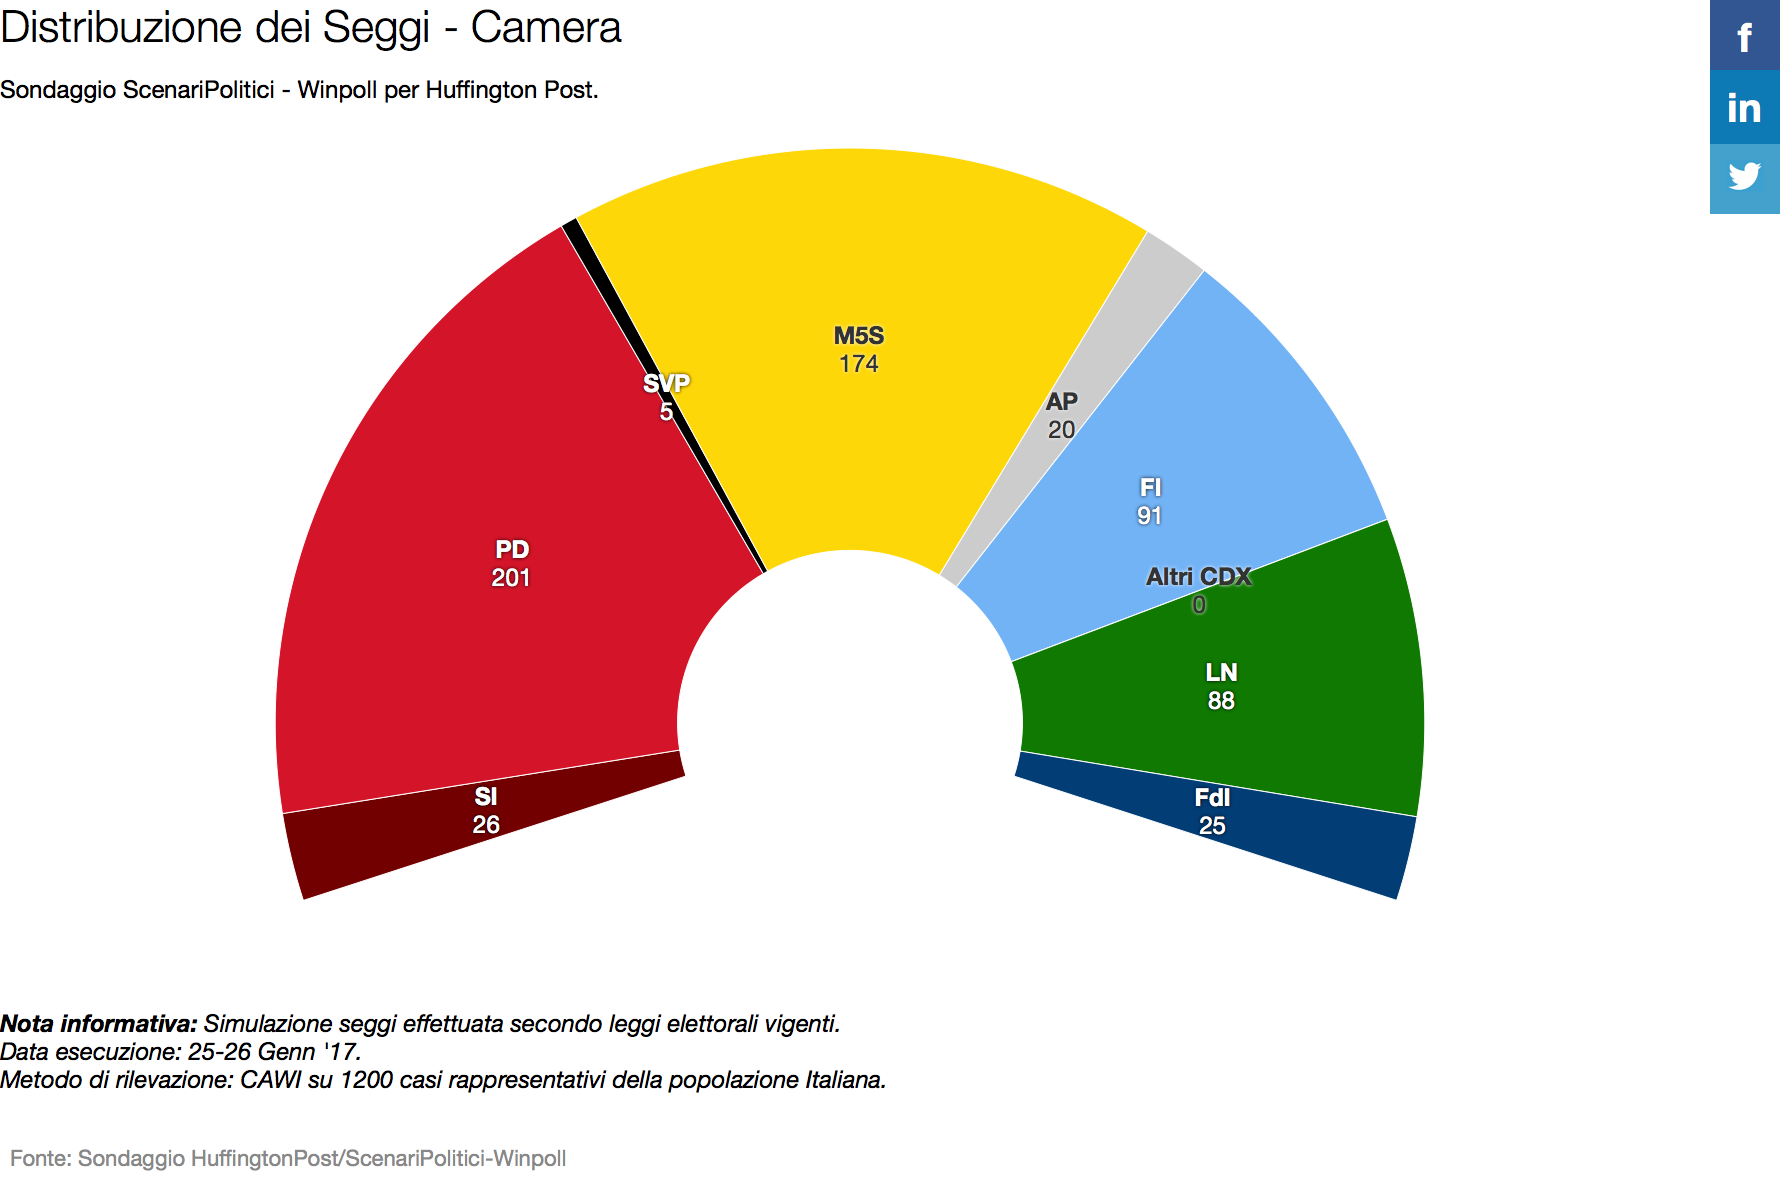 Distribuzione seggi Camera: PD primo ma senza maggioranza